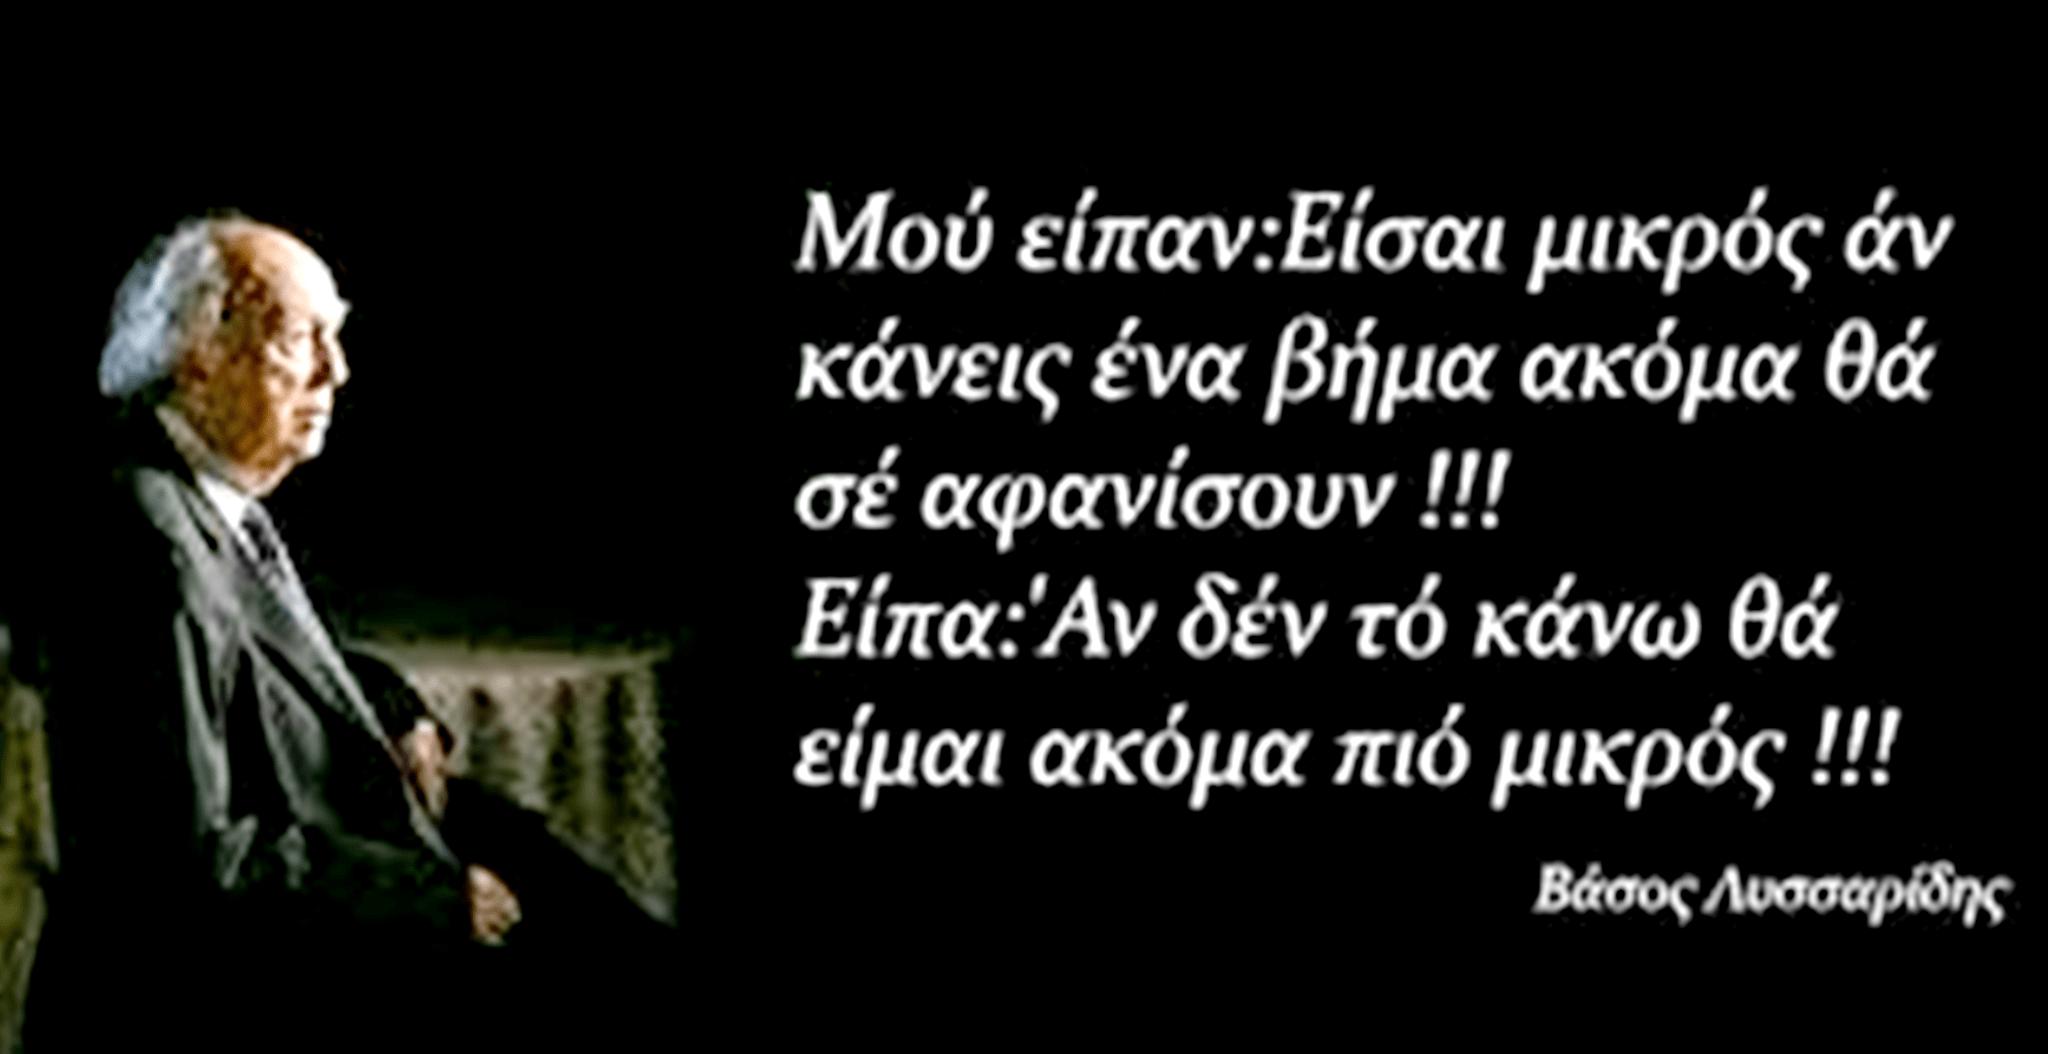 ΒΑΣΟΣ ΛΥΣΣΑΡΙΔΗΣ η αποχώρηση από τα εγκόσμια μιας μεγάλης πολιτικής και πνευματικής προσωπικότητας του σύγχρονου Ελληνισμού (13 Μαΐου 1920 – 26 Απριλίου 2021).